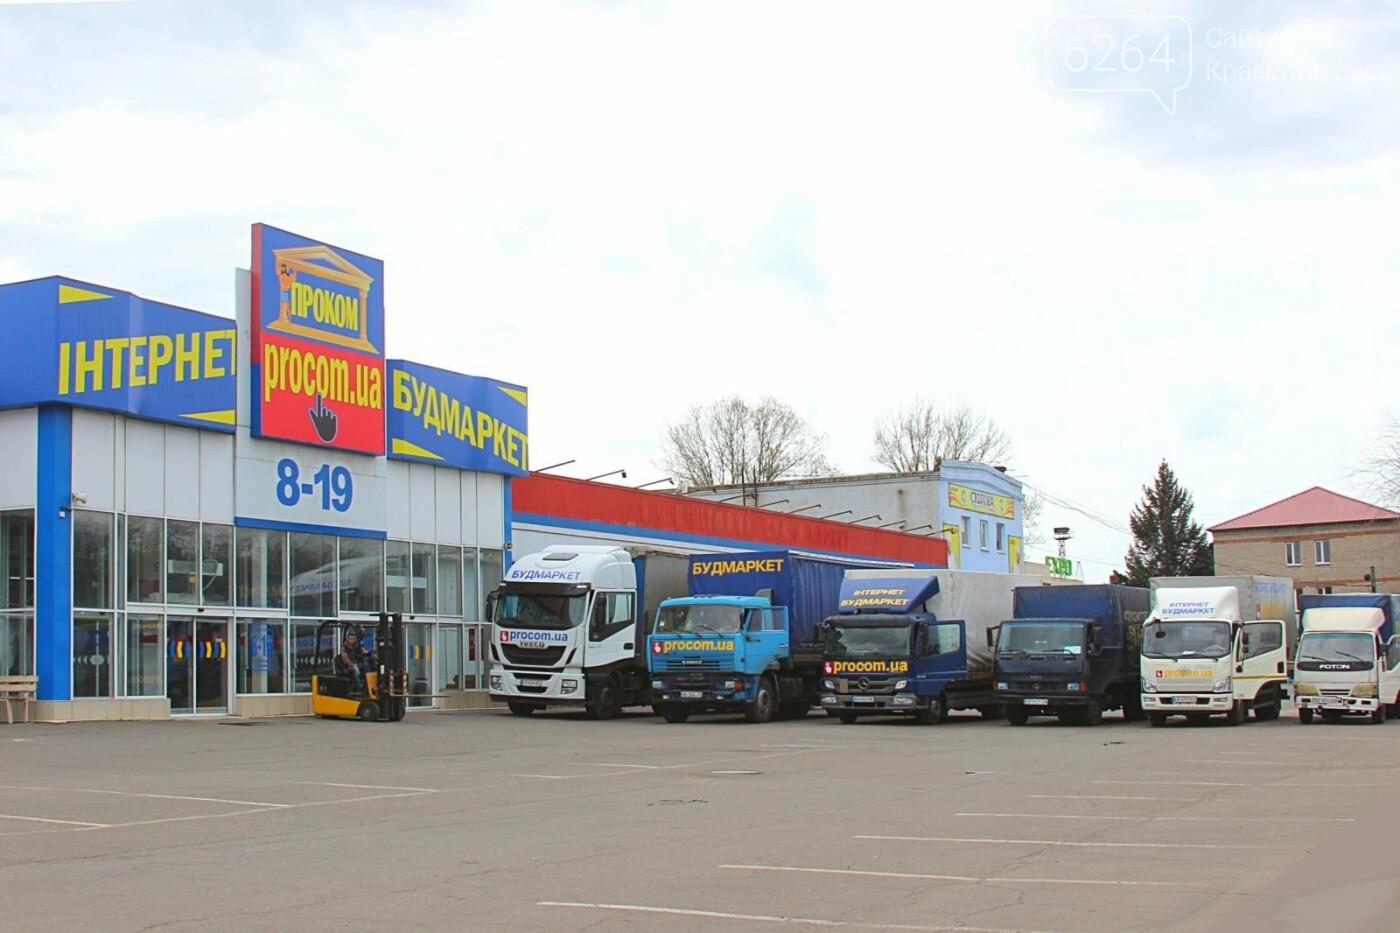 4 травня на Олекси Тихого 1а почав роботу новий інтернет будмаркет procom.ua, фото-1